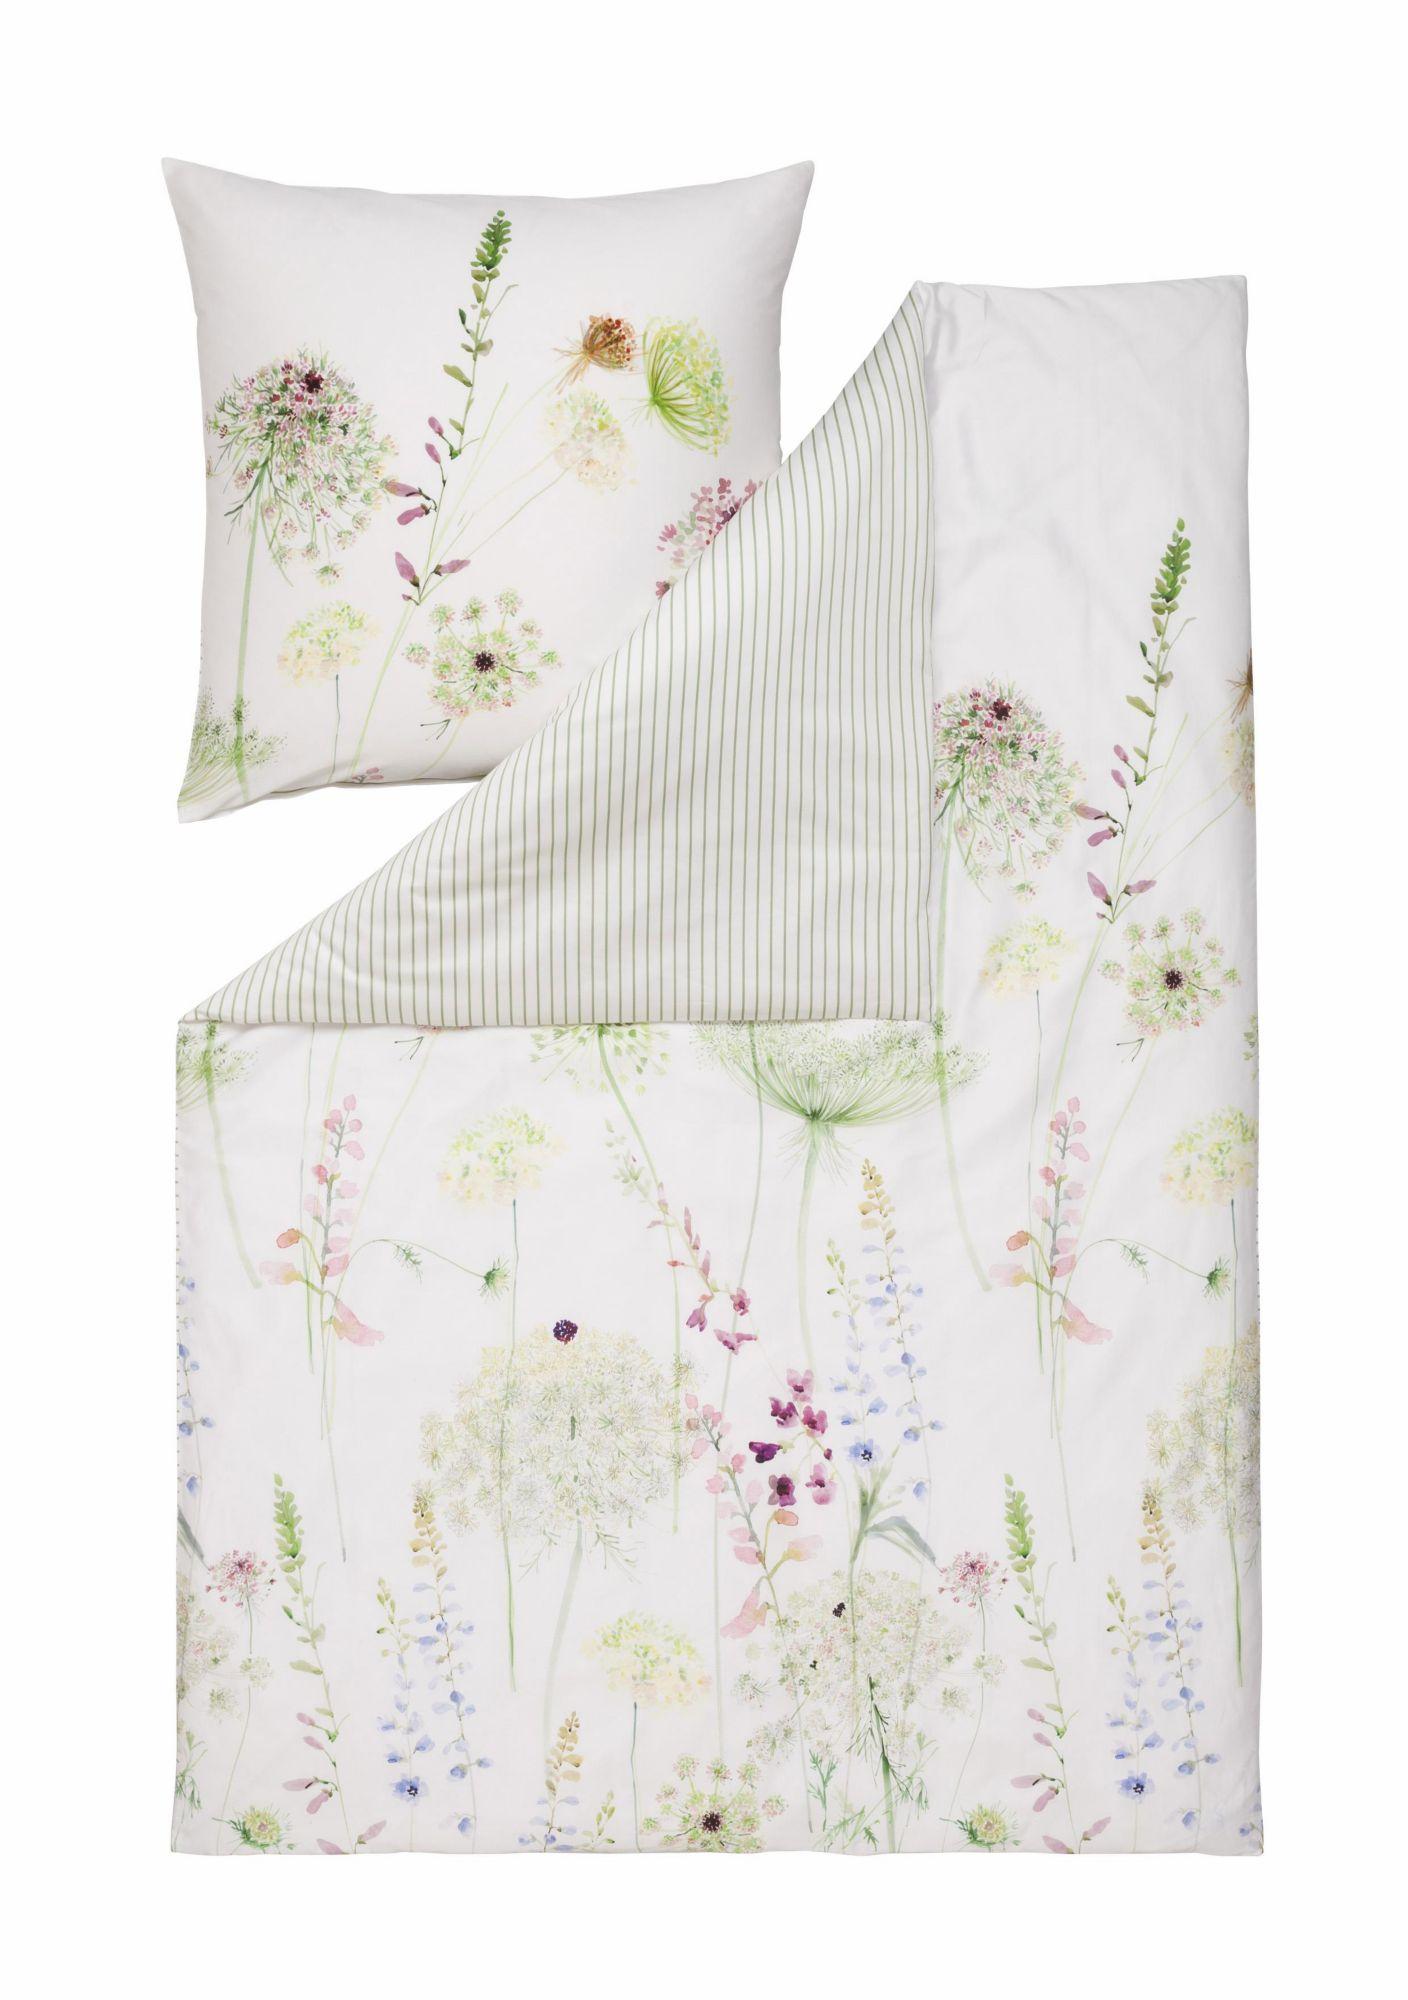 ESTELLA Bettwäsche, Estella, »Meadow«, im floralen Design